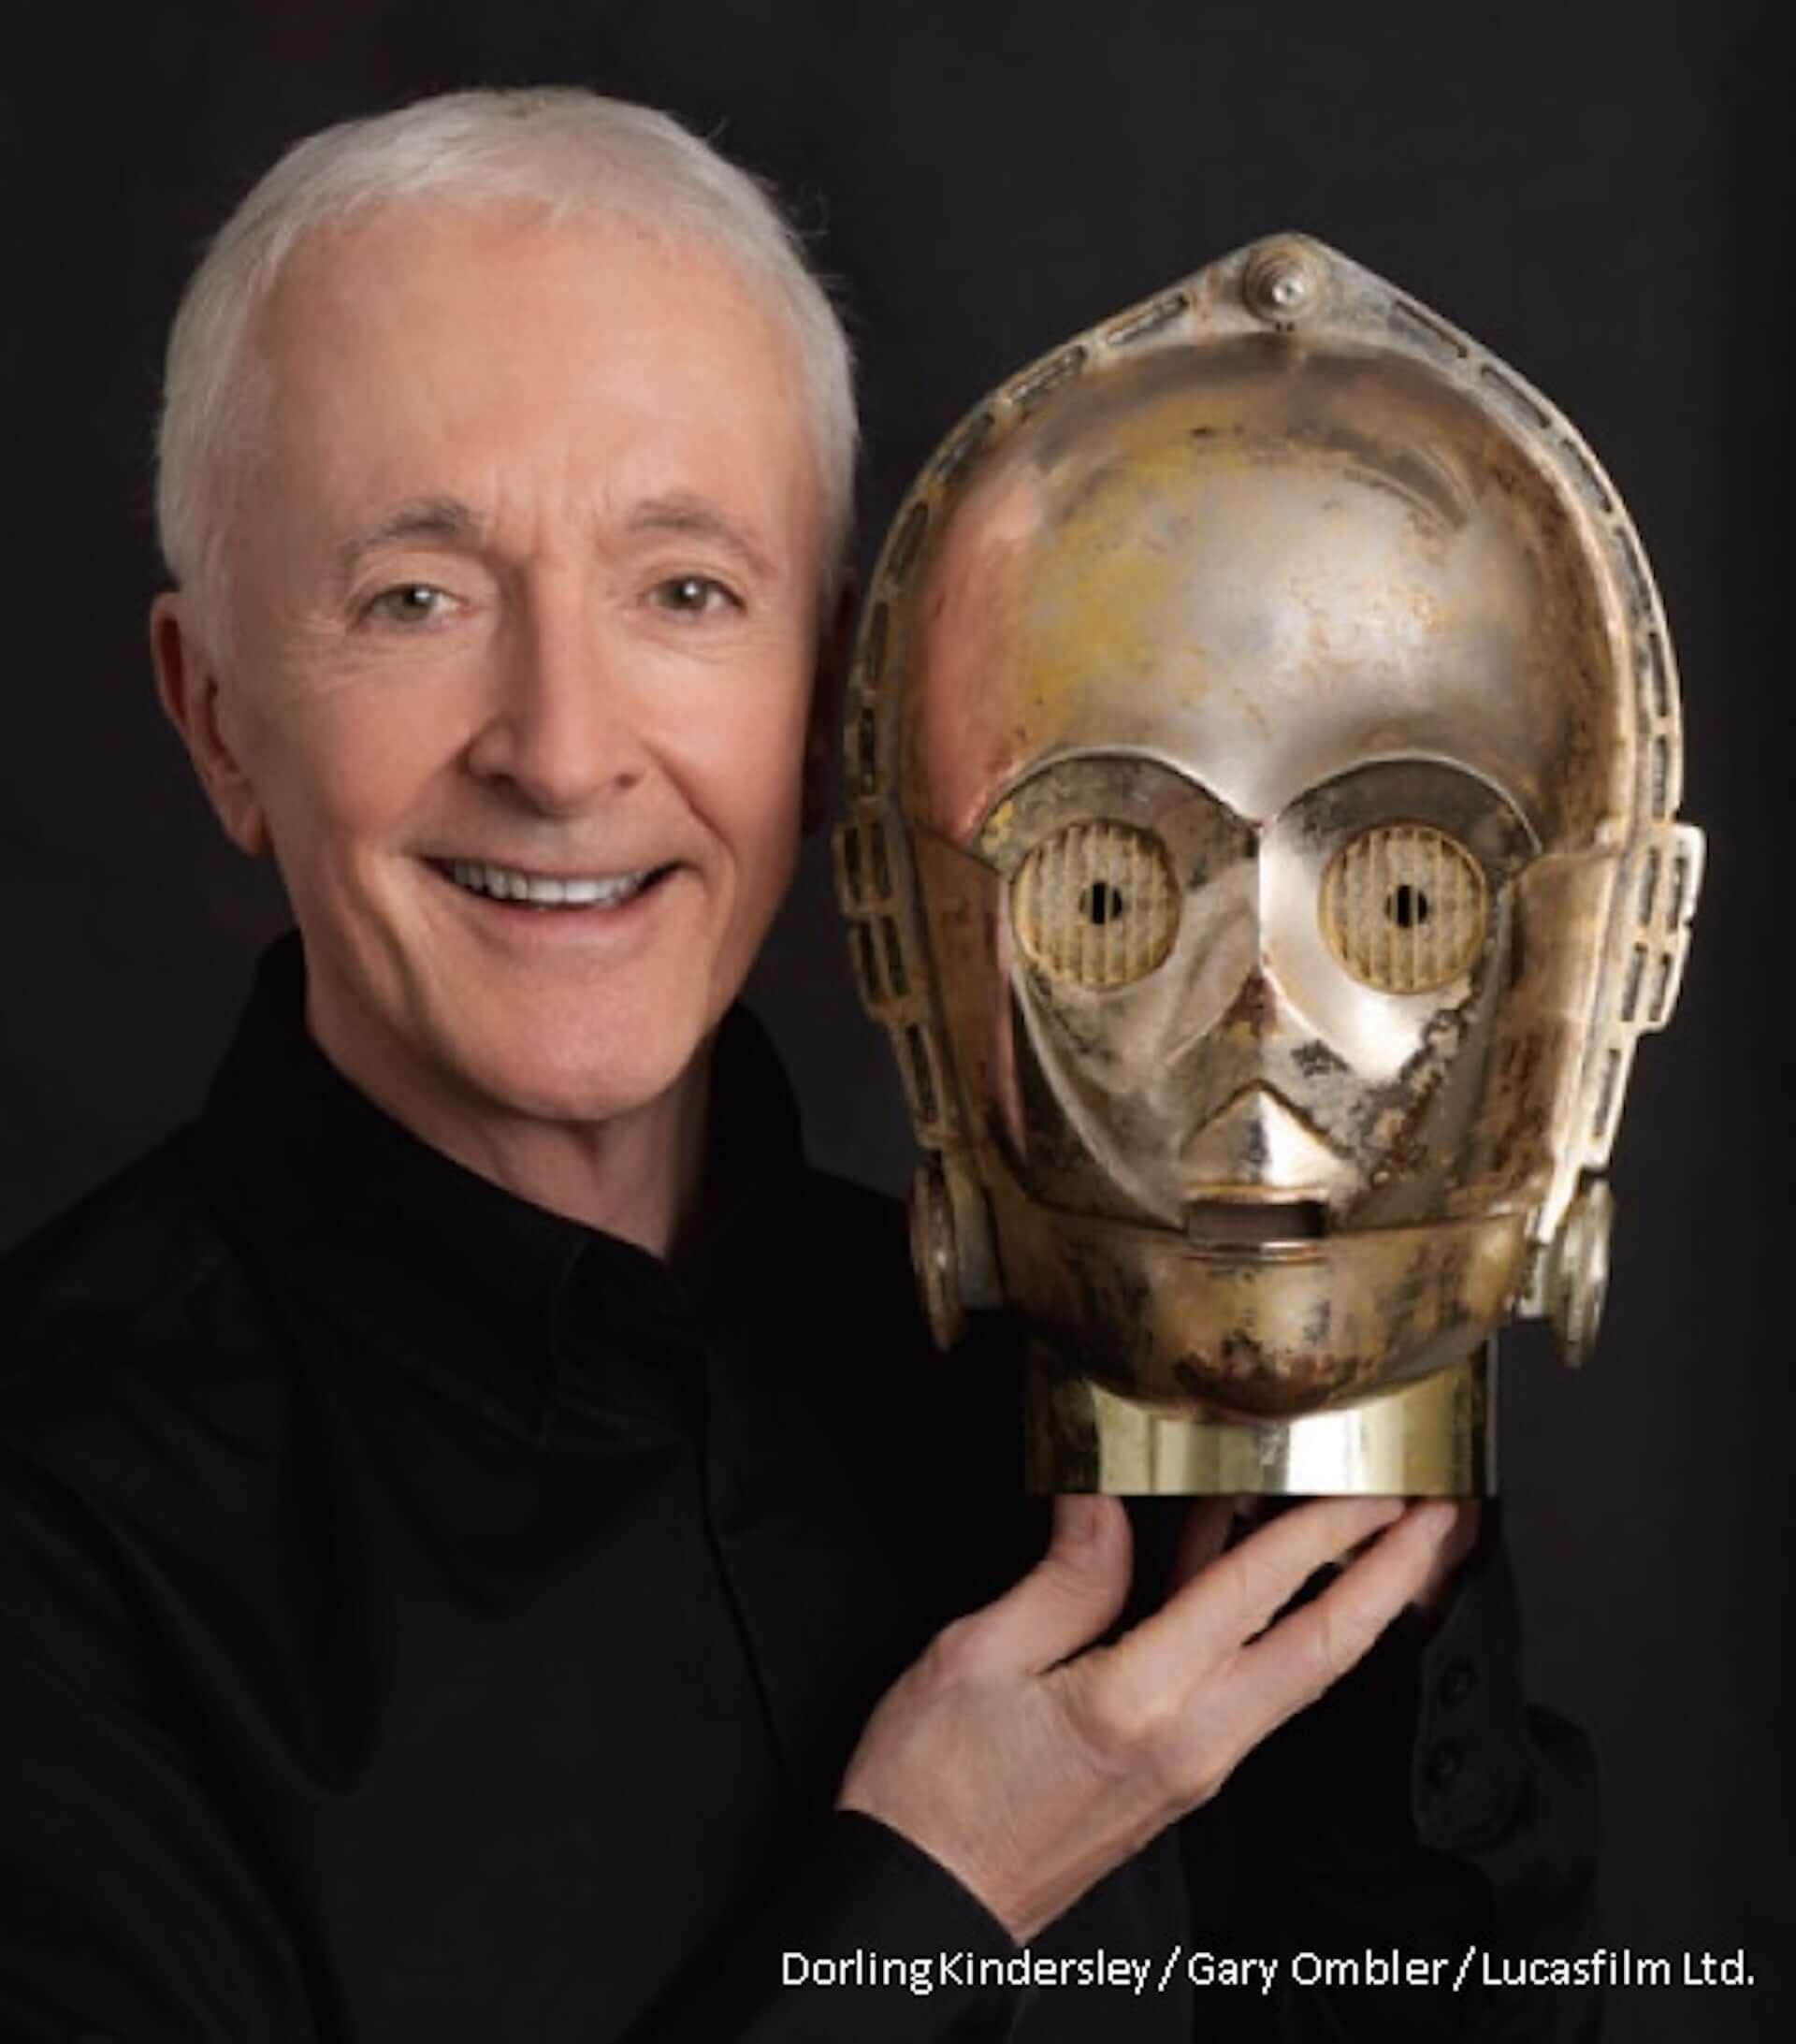 「スター・ウォーズ」シリーズ42年間の軌跡!C-3PO役のアンソニー・ダニエルズによる撮影回想録『私はC-3PO』本日刊行 art200326_iam_c3po_3-1920x2185